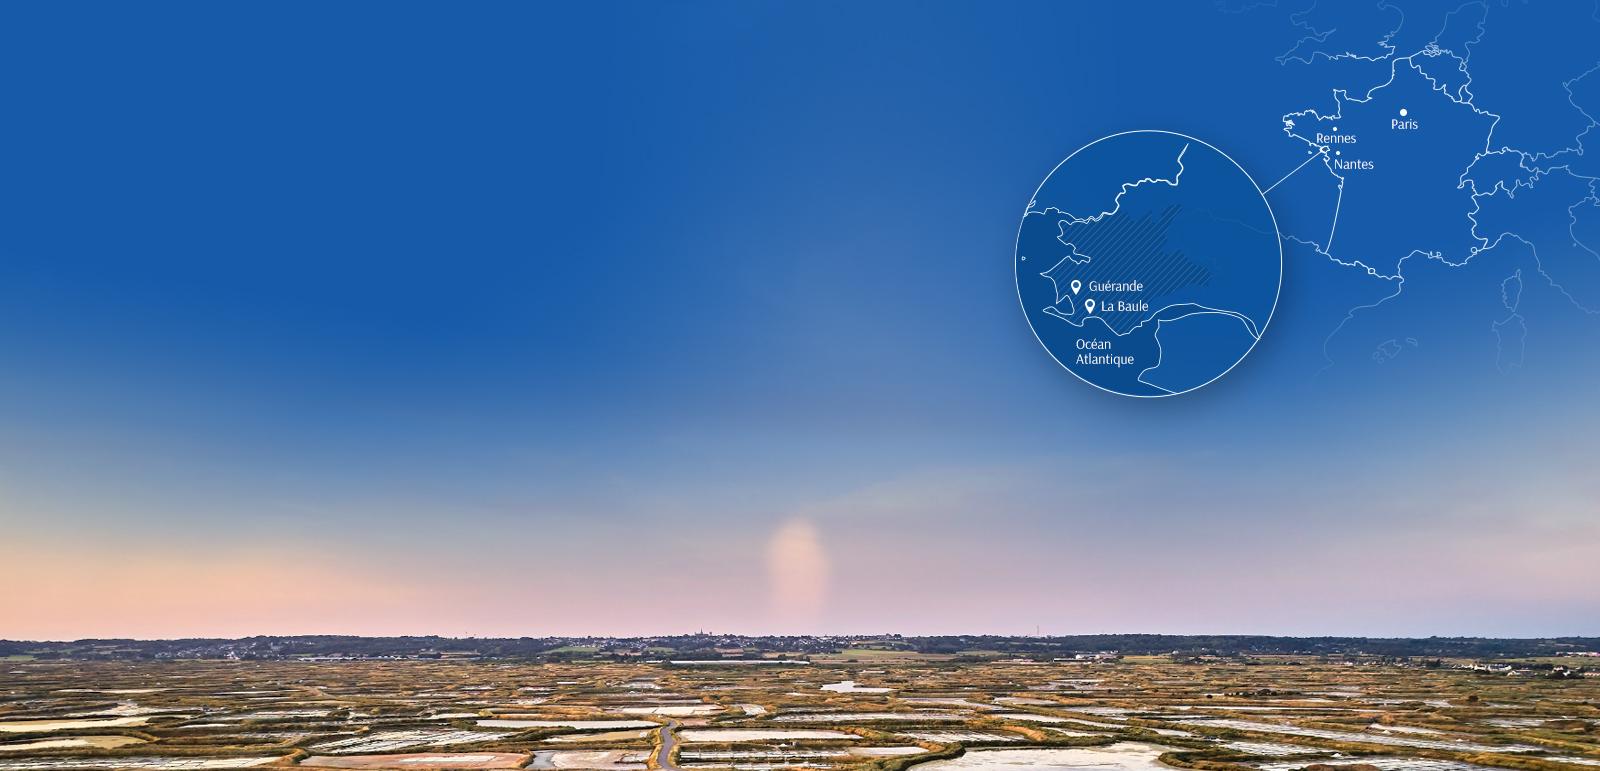 explorer-le-territoire-15031-17302